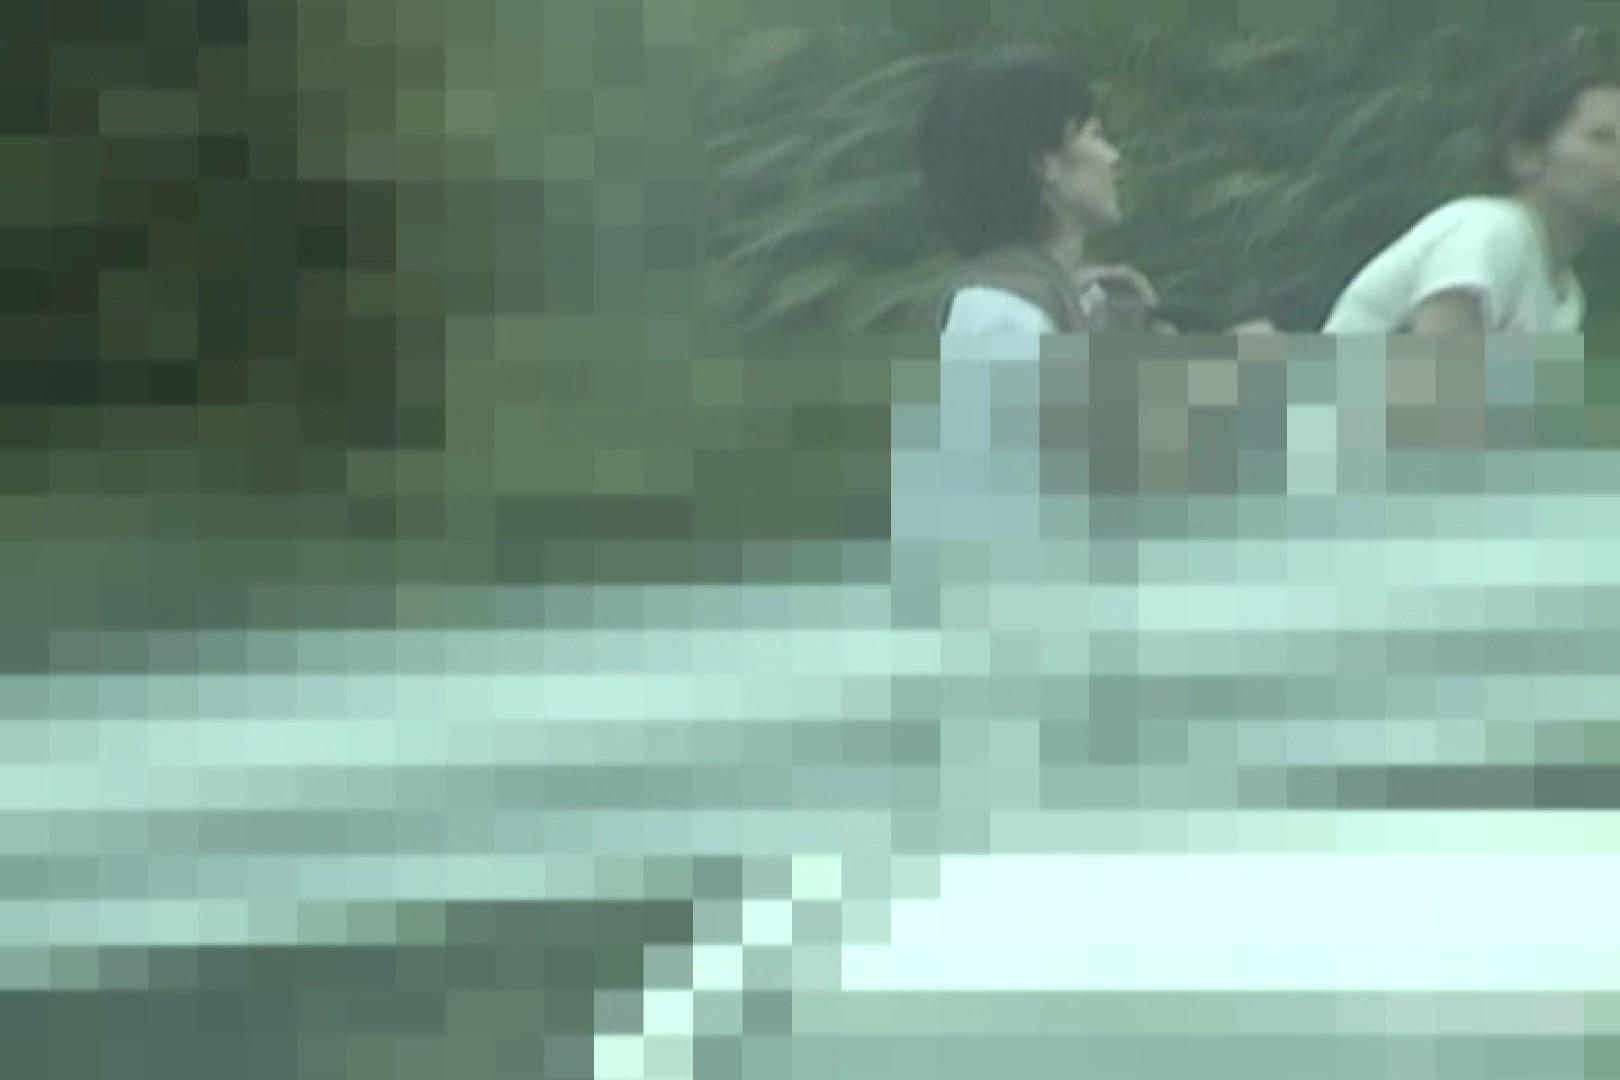 Aquaな露天風呂Vol.793 盗撮 オメコ無修正動画無料 94画像 5